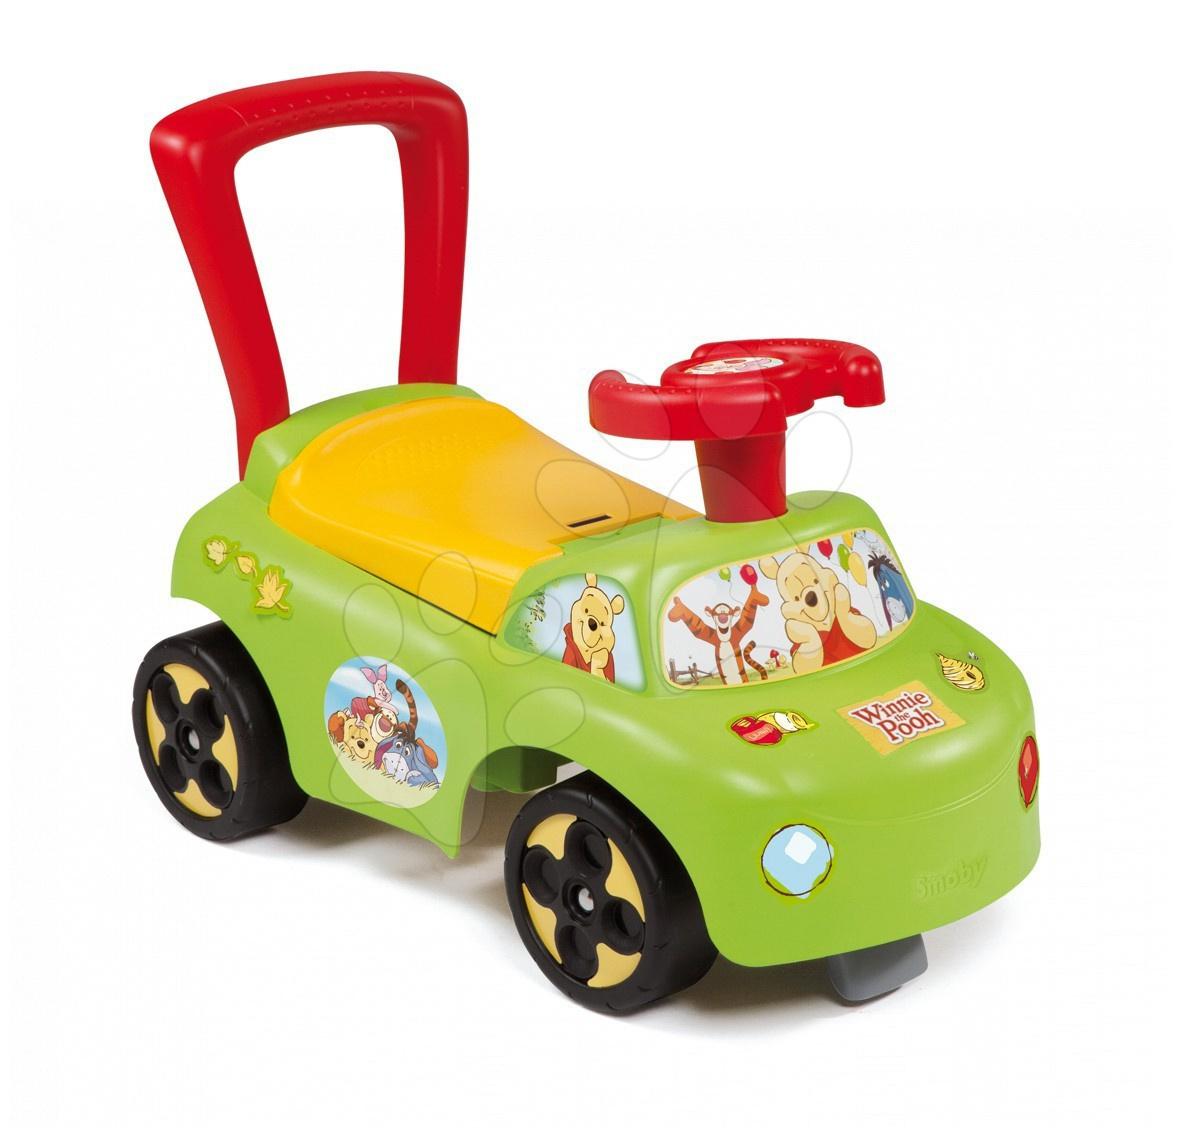 Produse vechi - Babytaxiu Winnie The Pooh Auto 2in1 Smoby verde de la 10 luni